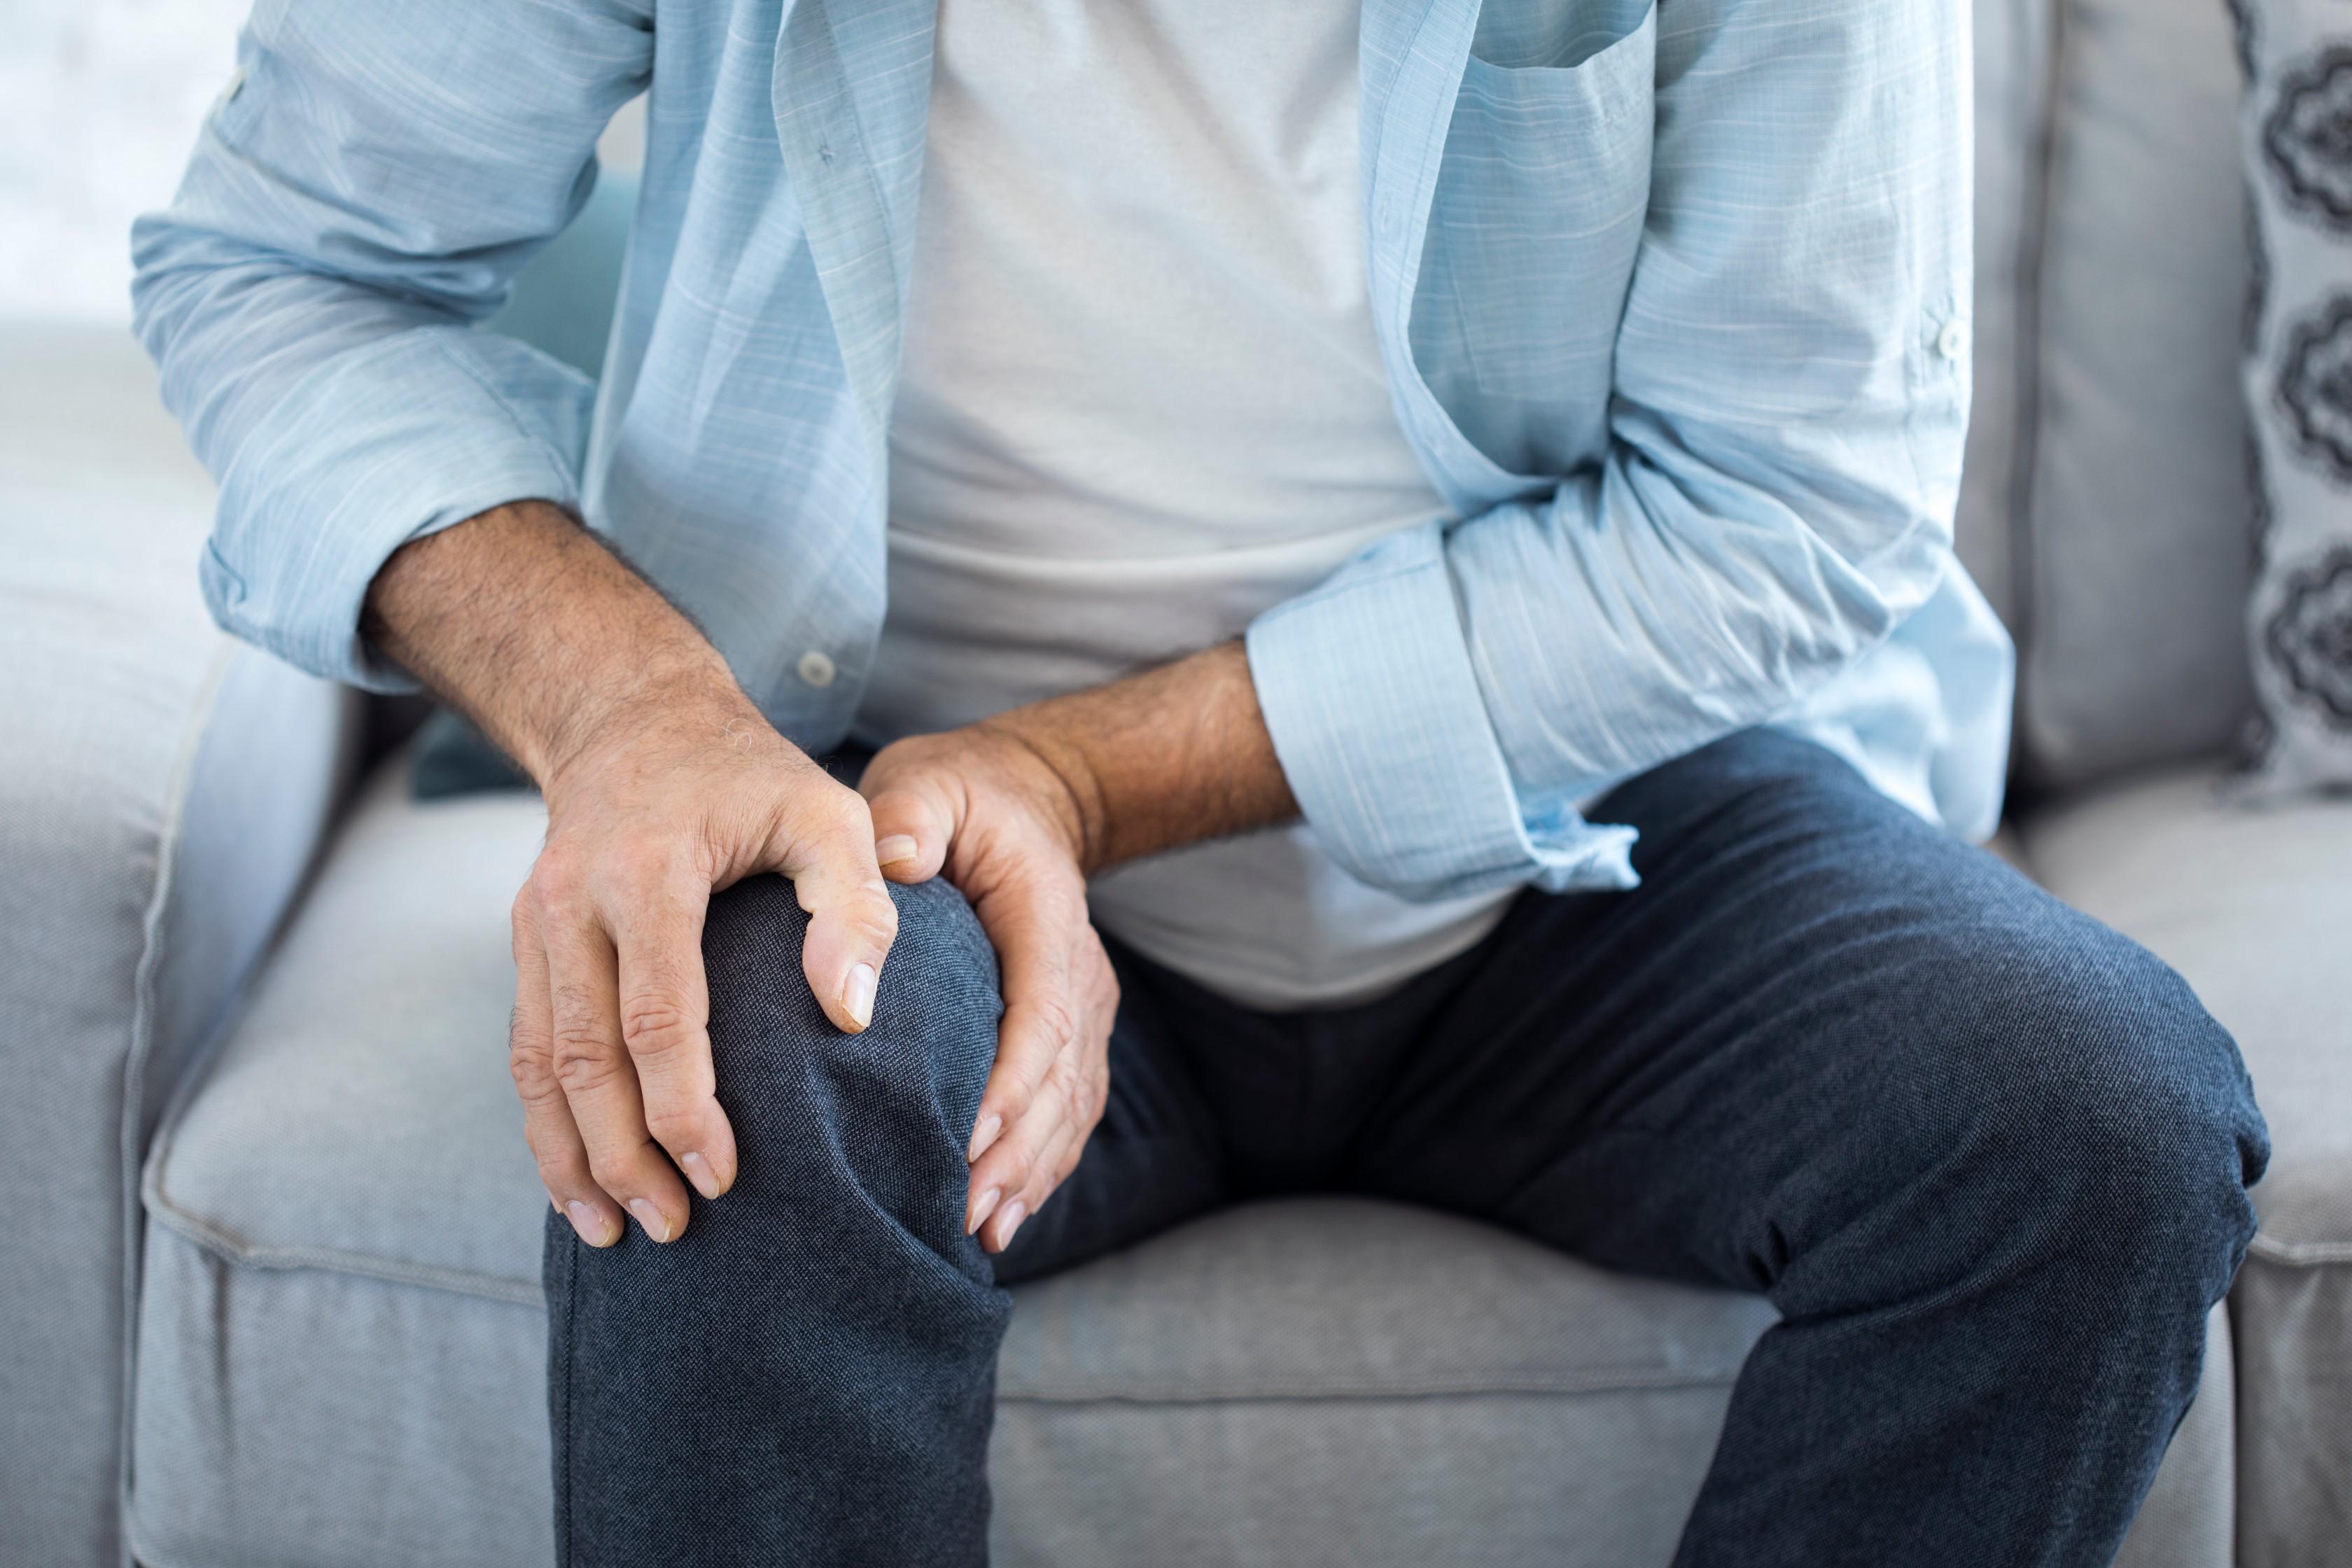 az ízületi fájdalom az erőkifejtéssel csökken